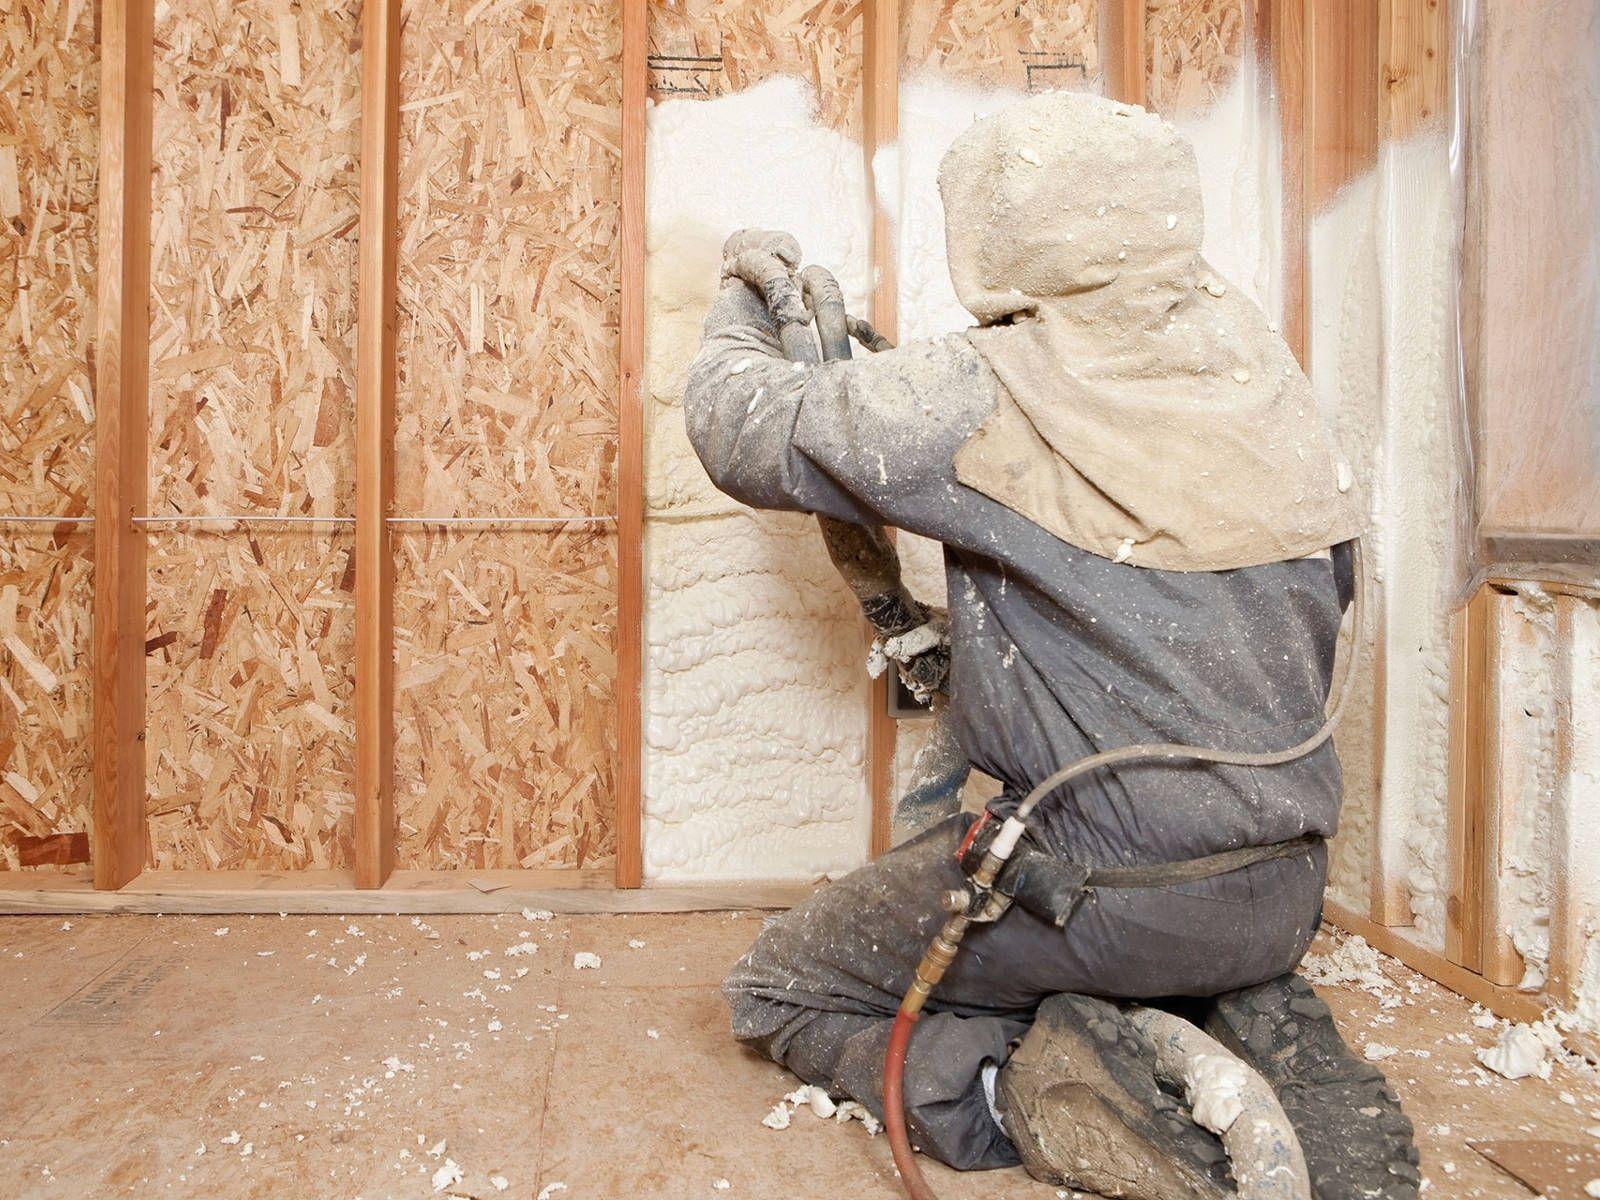 Izolace dřevěné stěny sklepa tvrdou pěnou S-303E-P